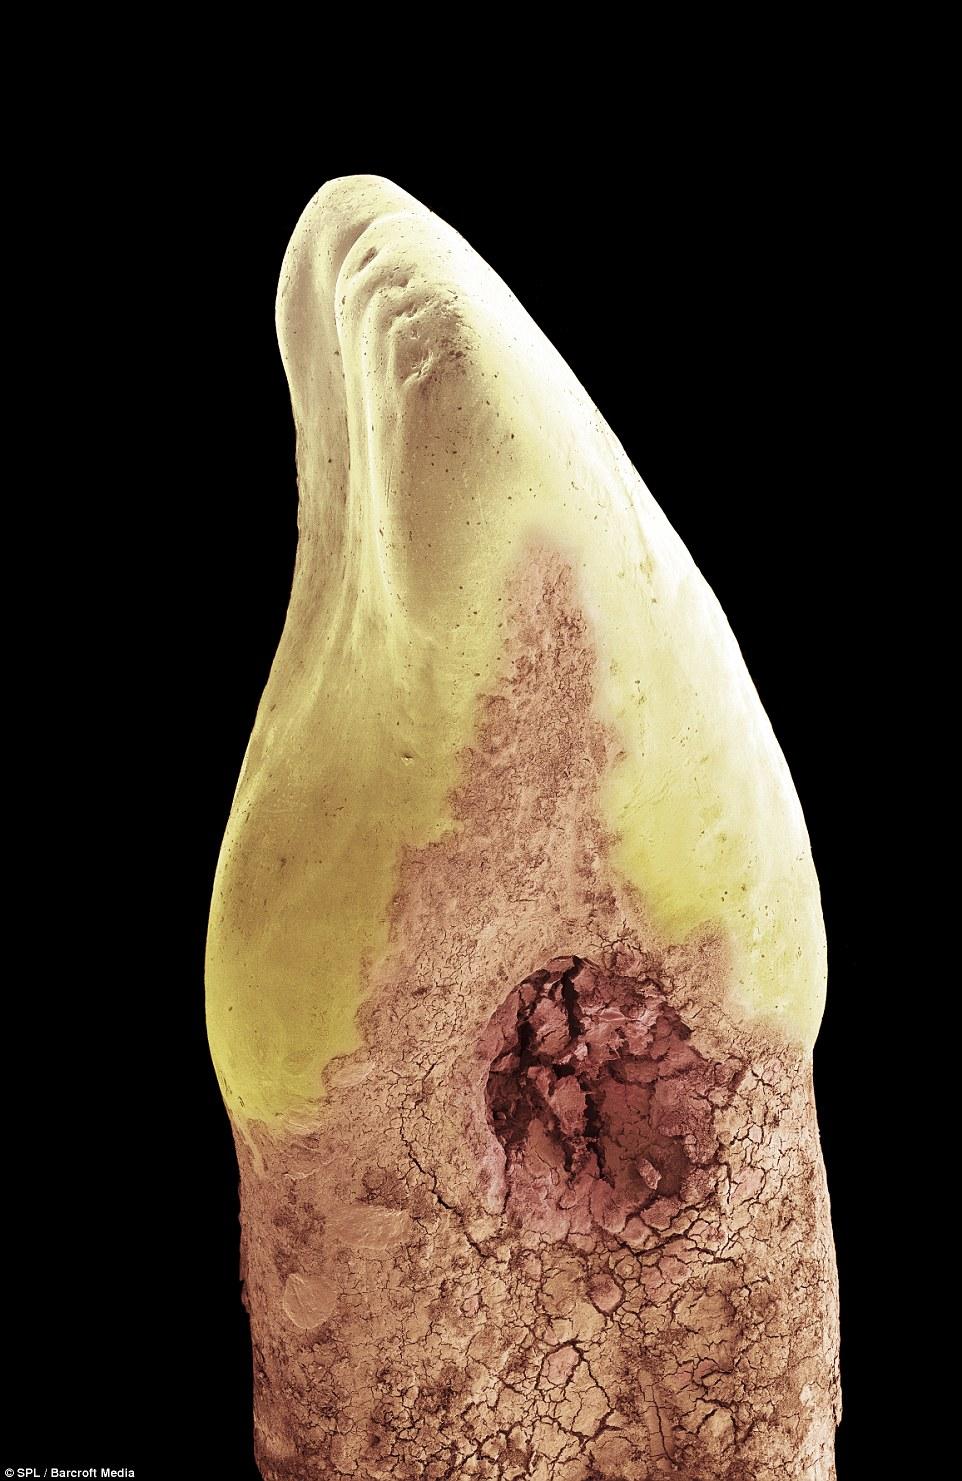 утворення каріозної порожнини